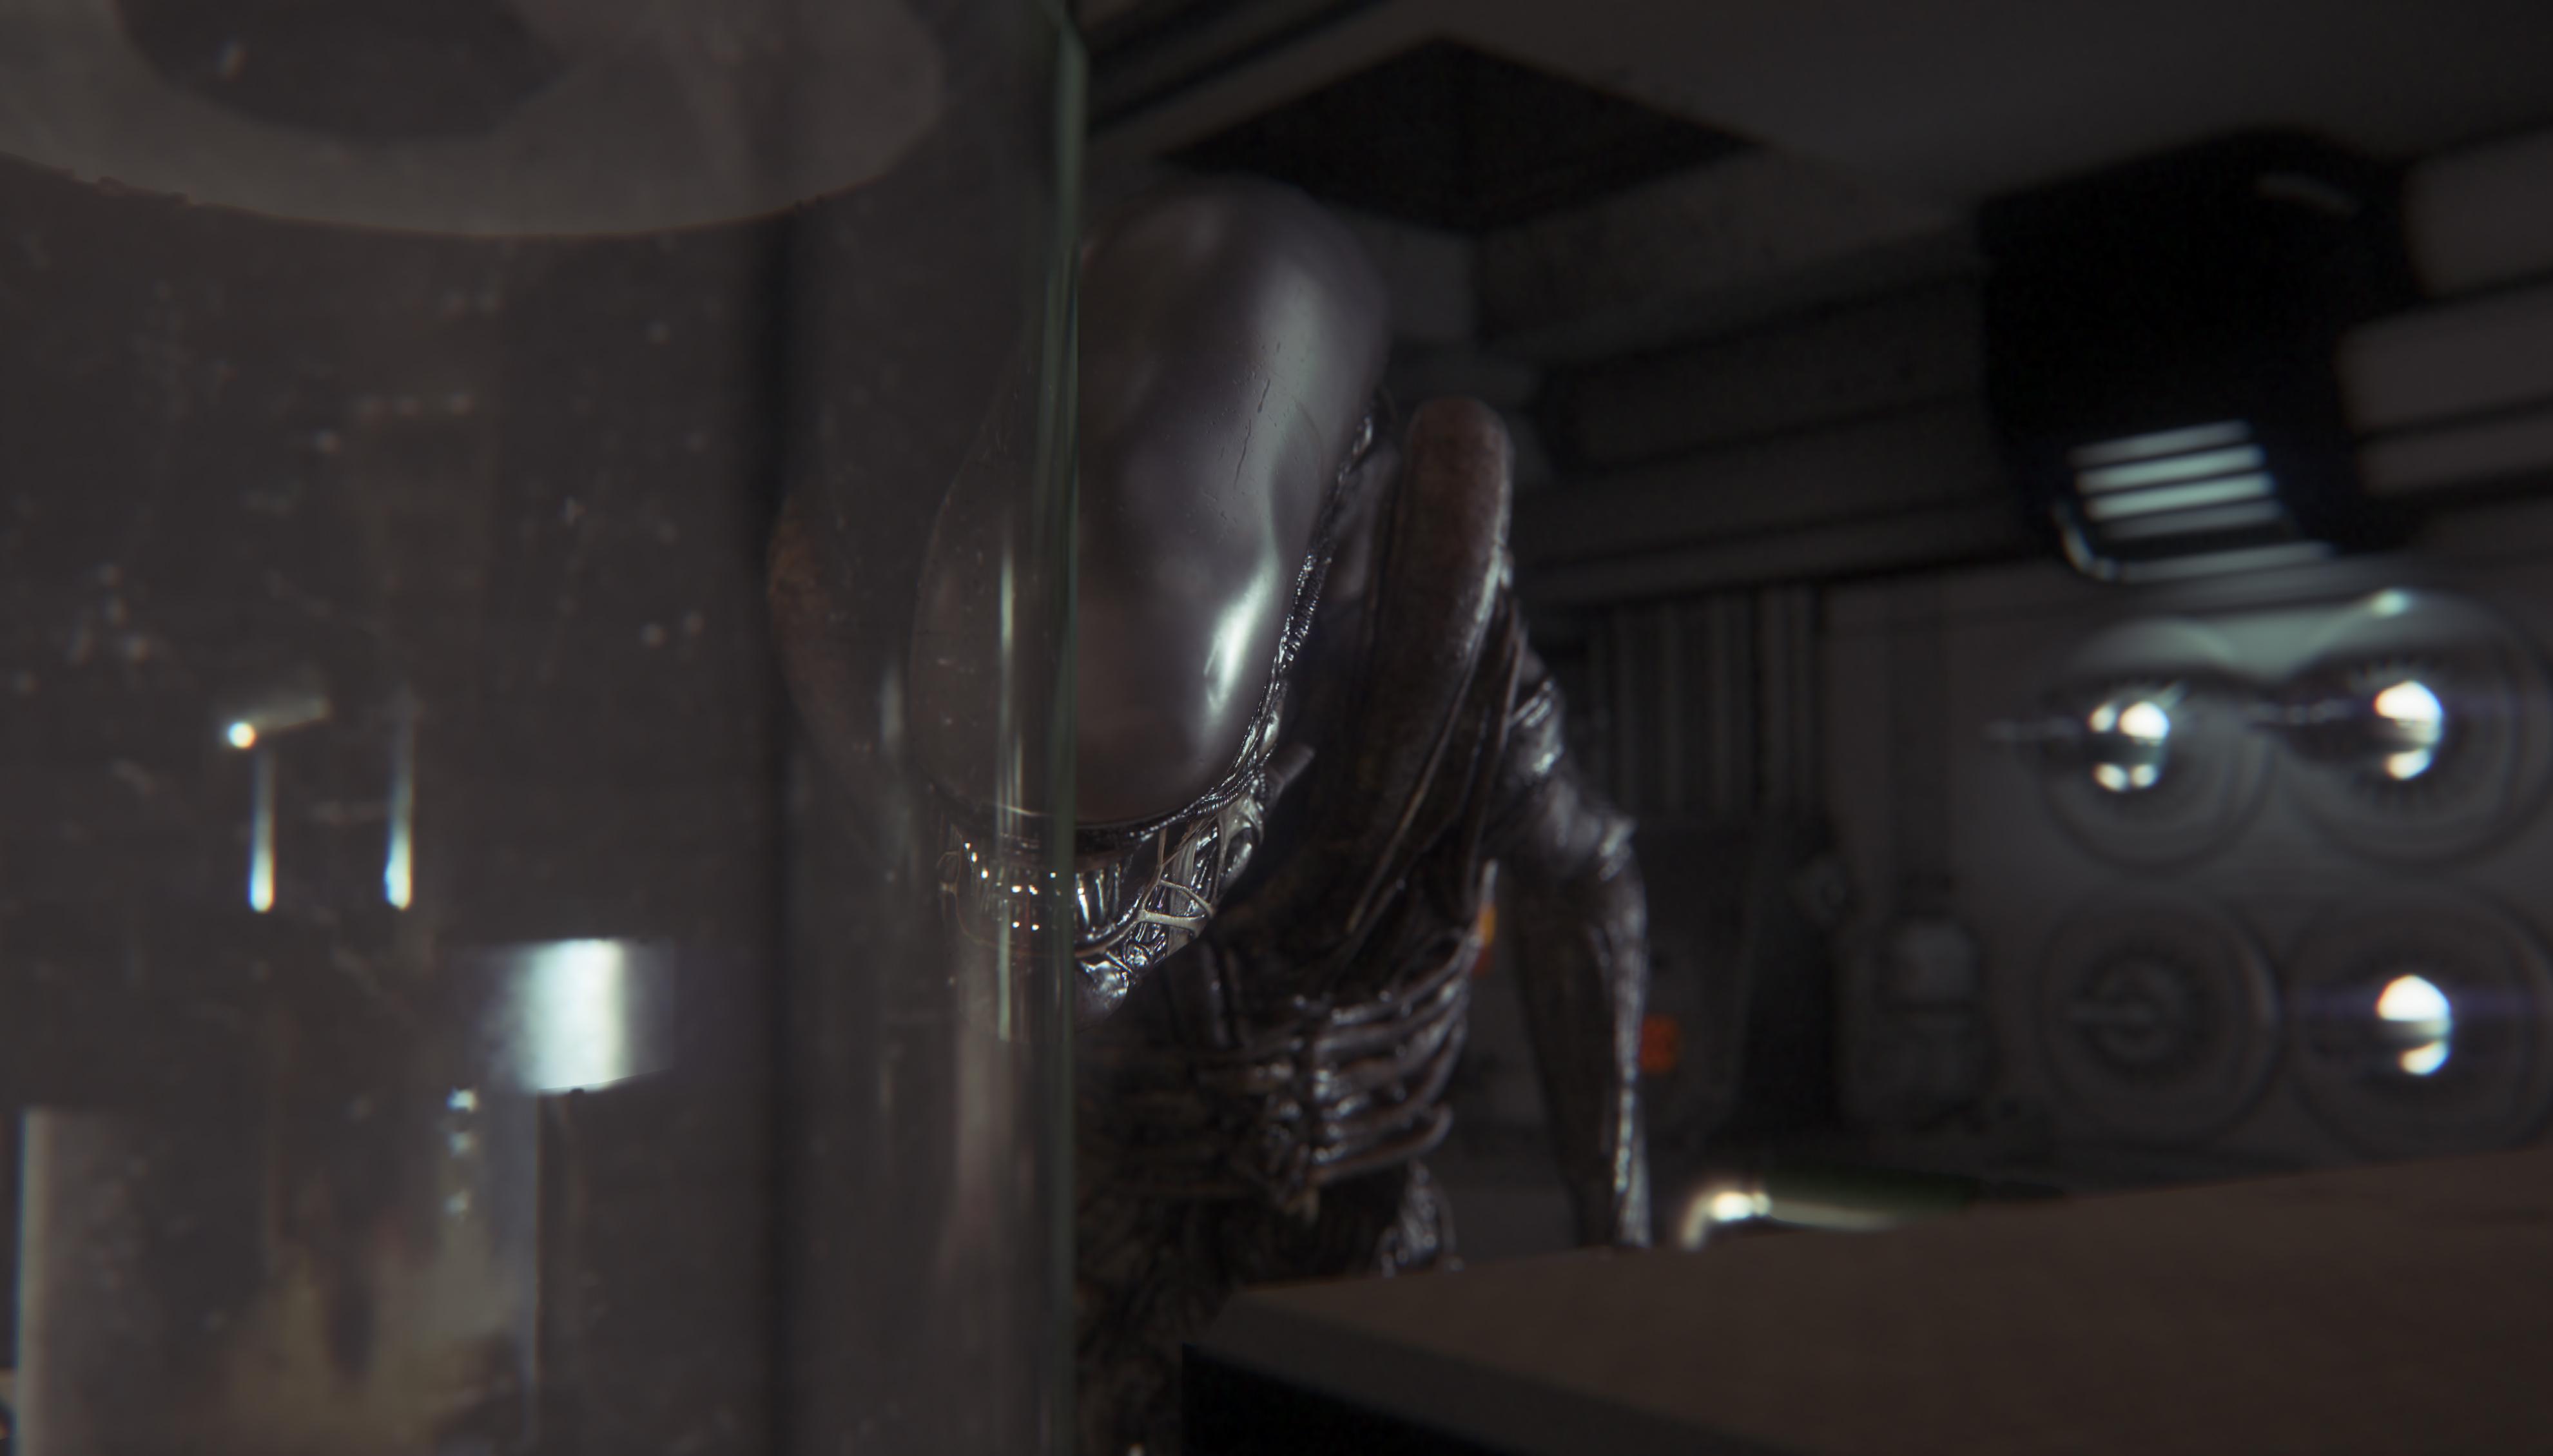 Alien nackt nudes scenes